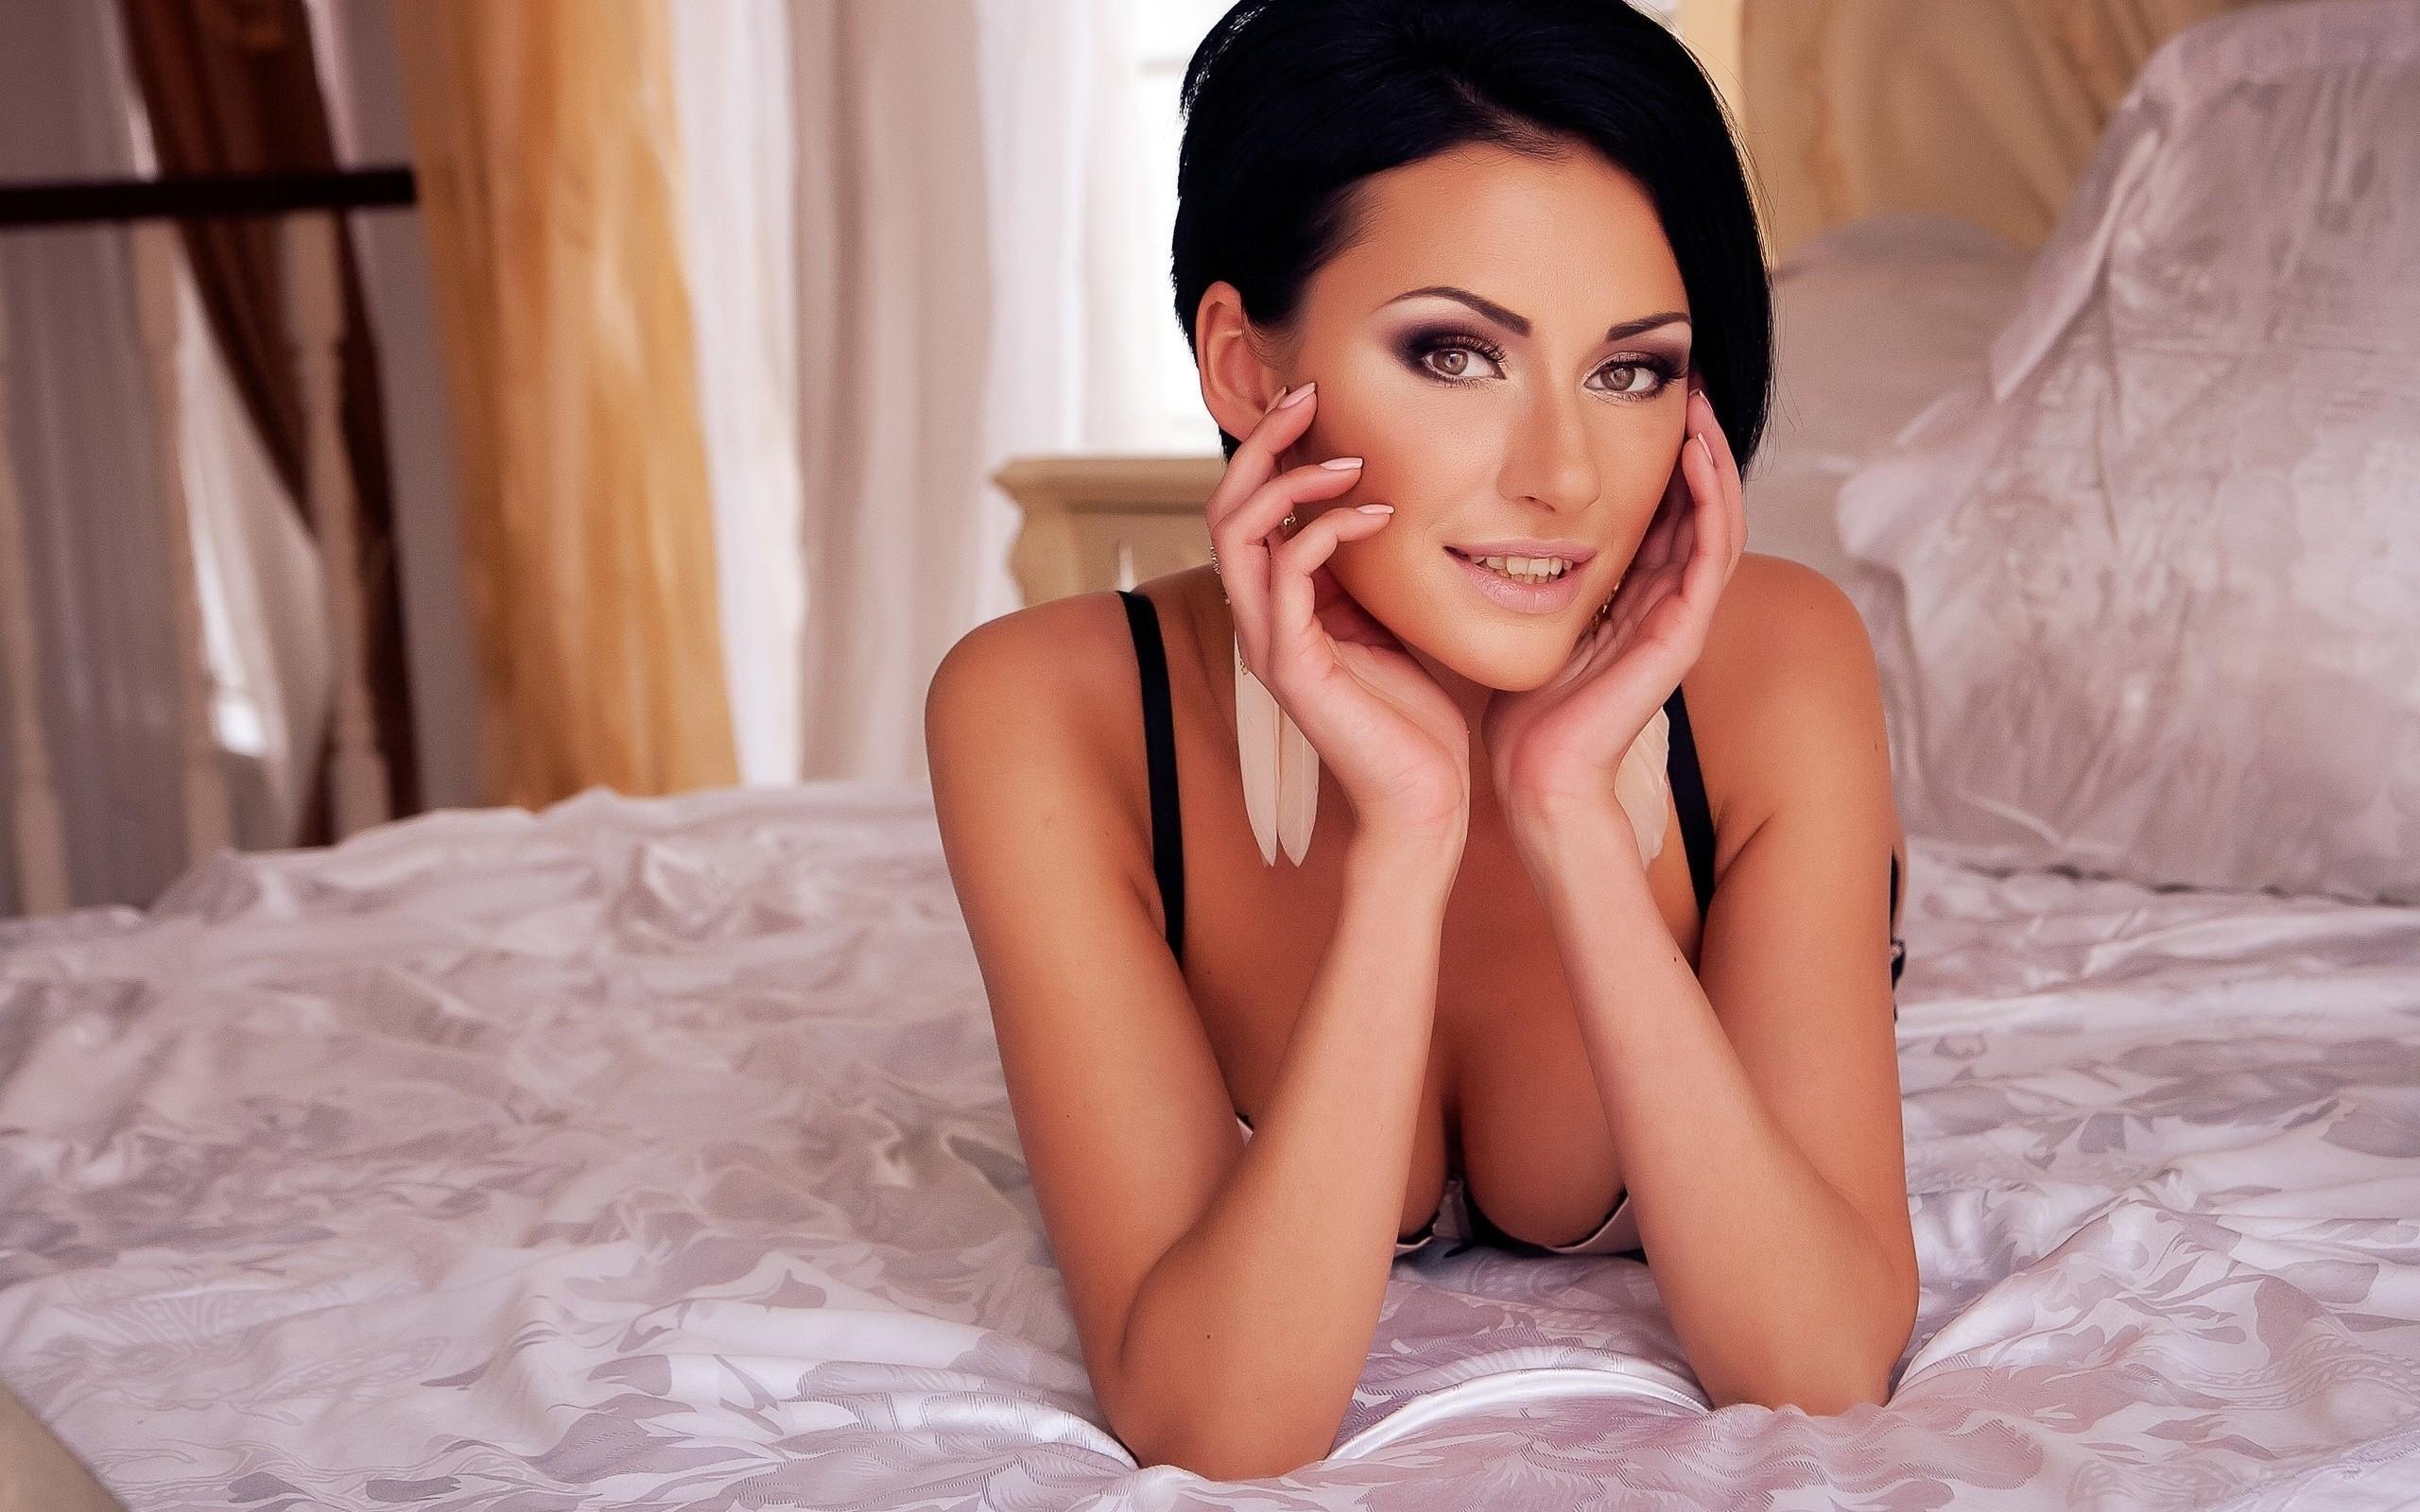 Julia Androschuk Photos